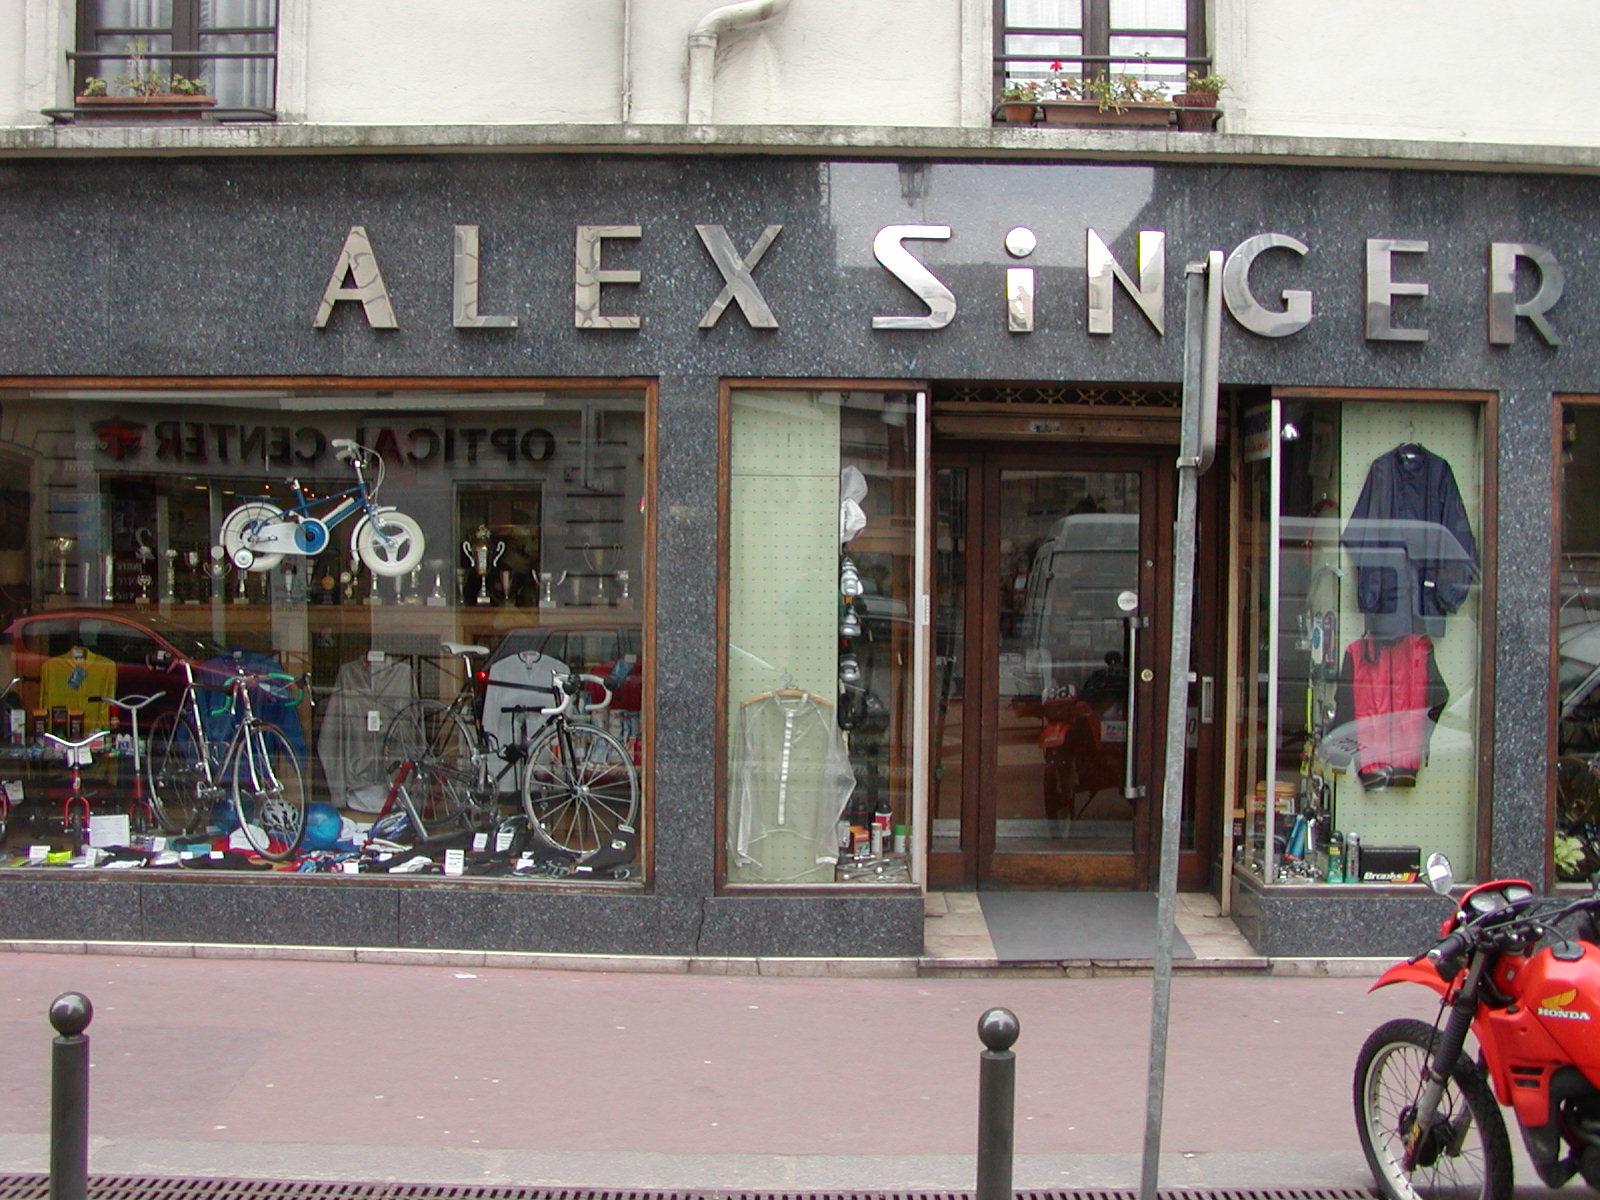 Alex singer shop